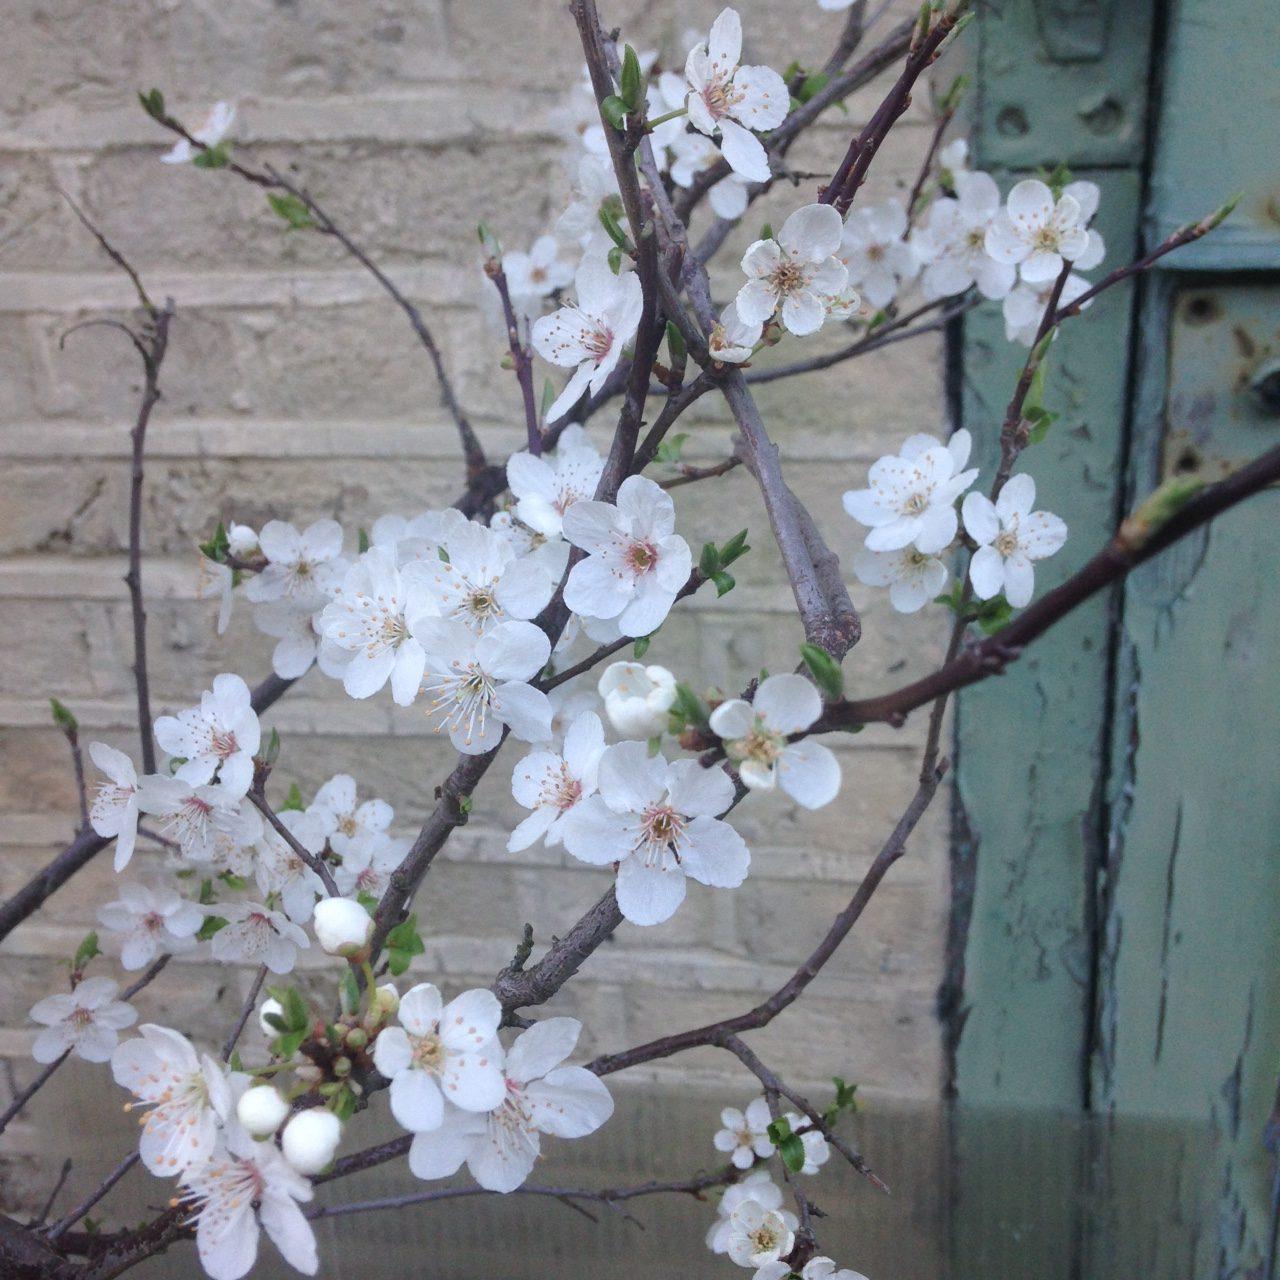 Plum blossom in front of peeling green door